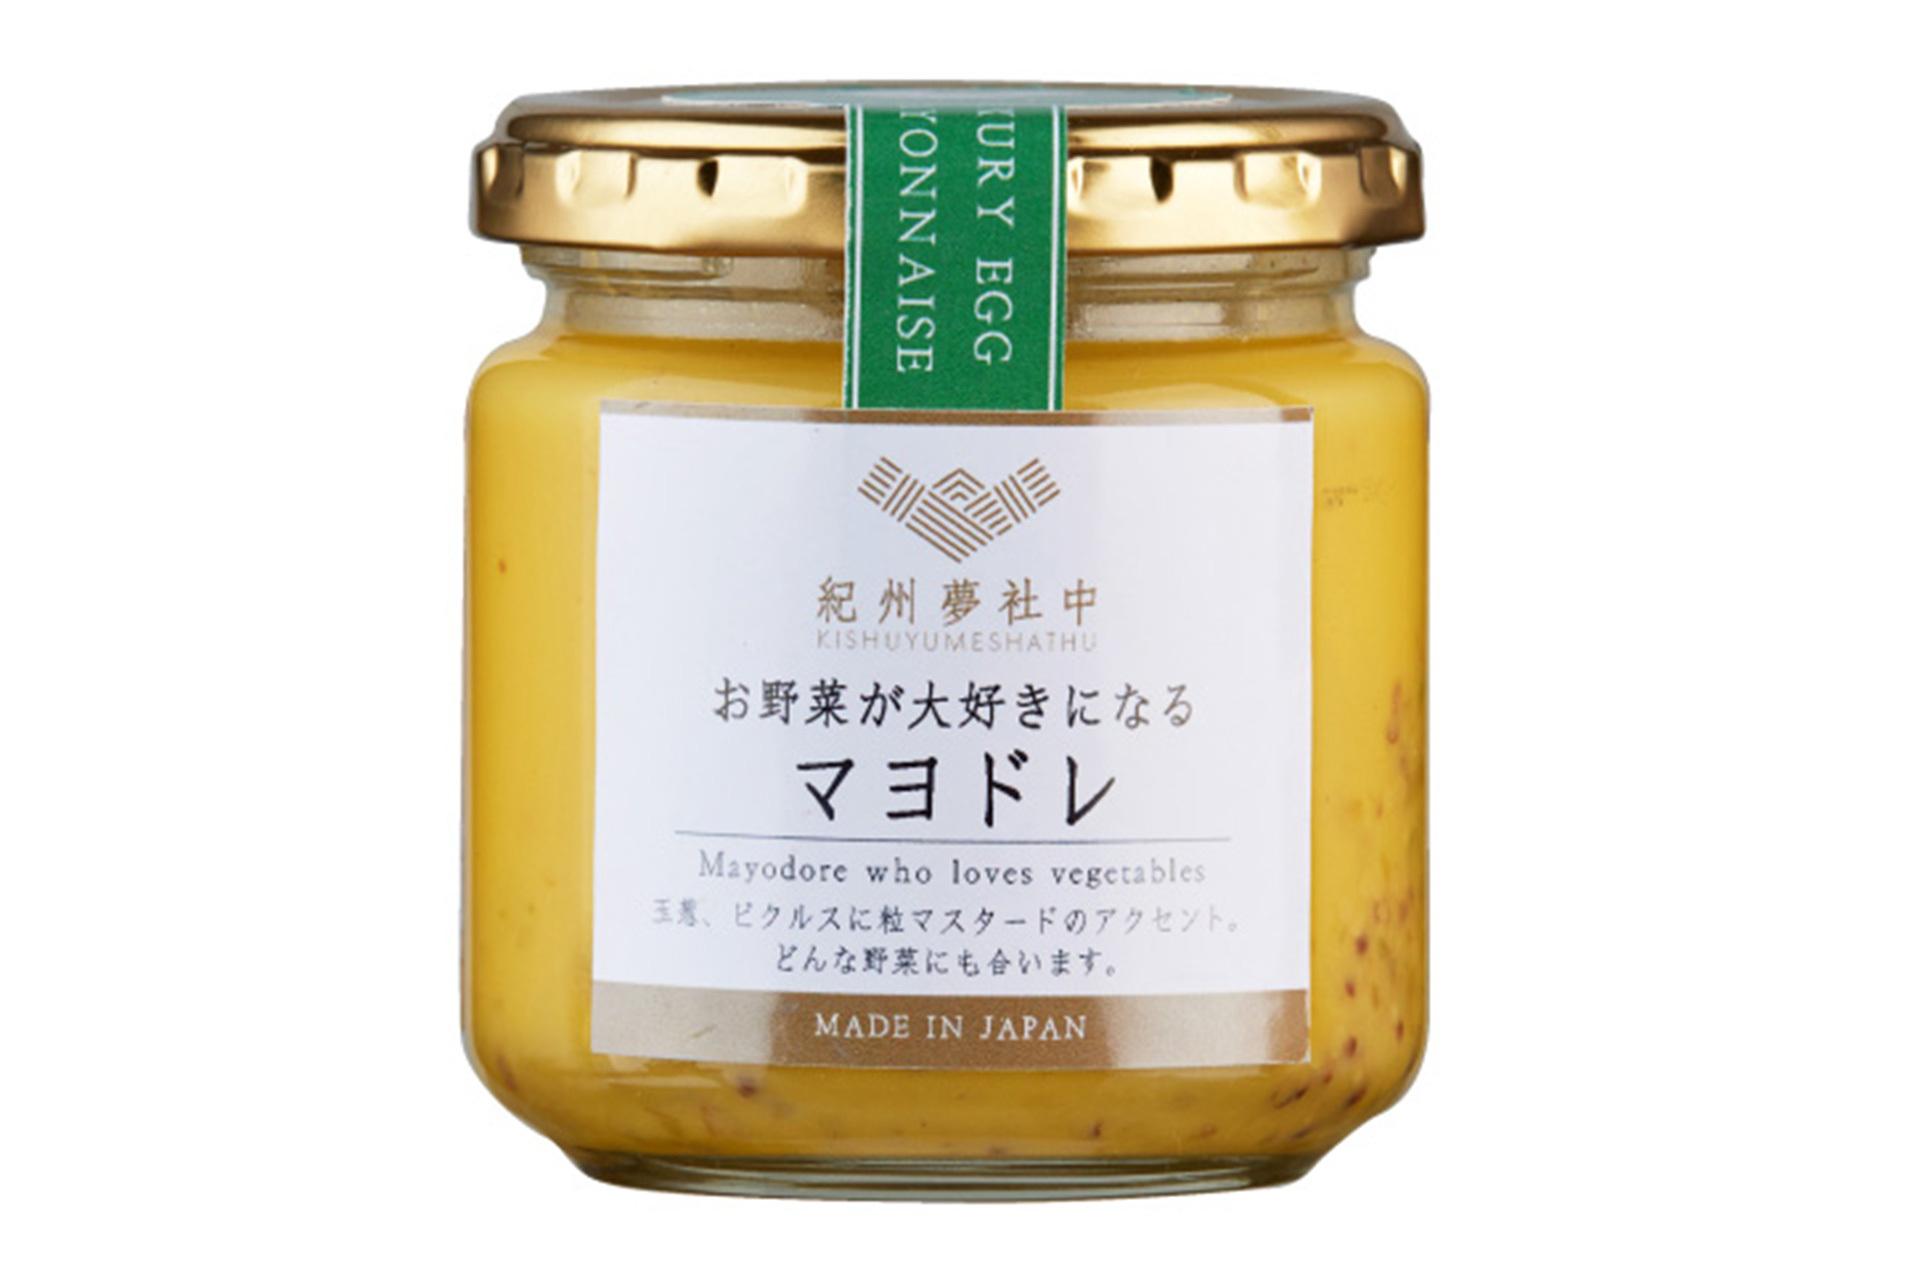 お野菜が大好きになるマヨドレ【簡易包装】